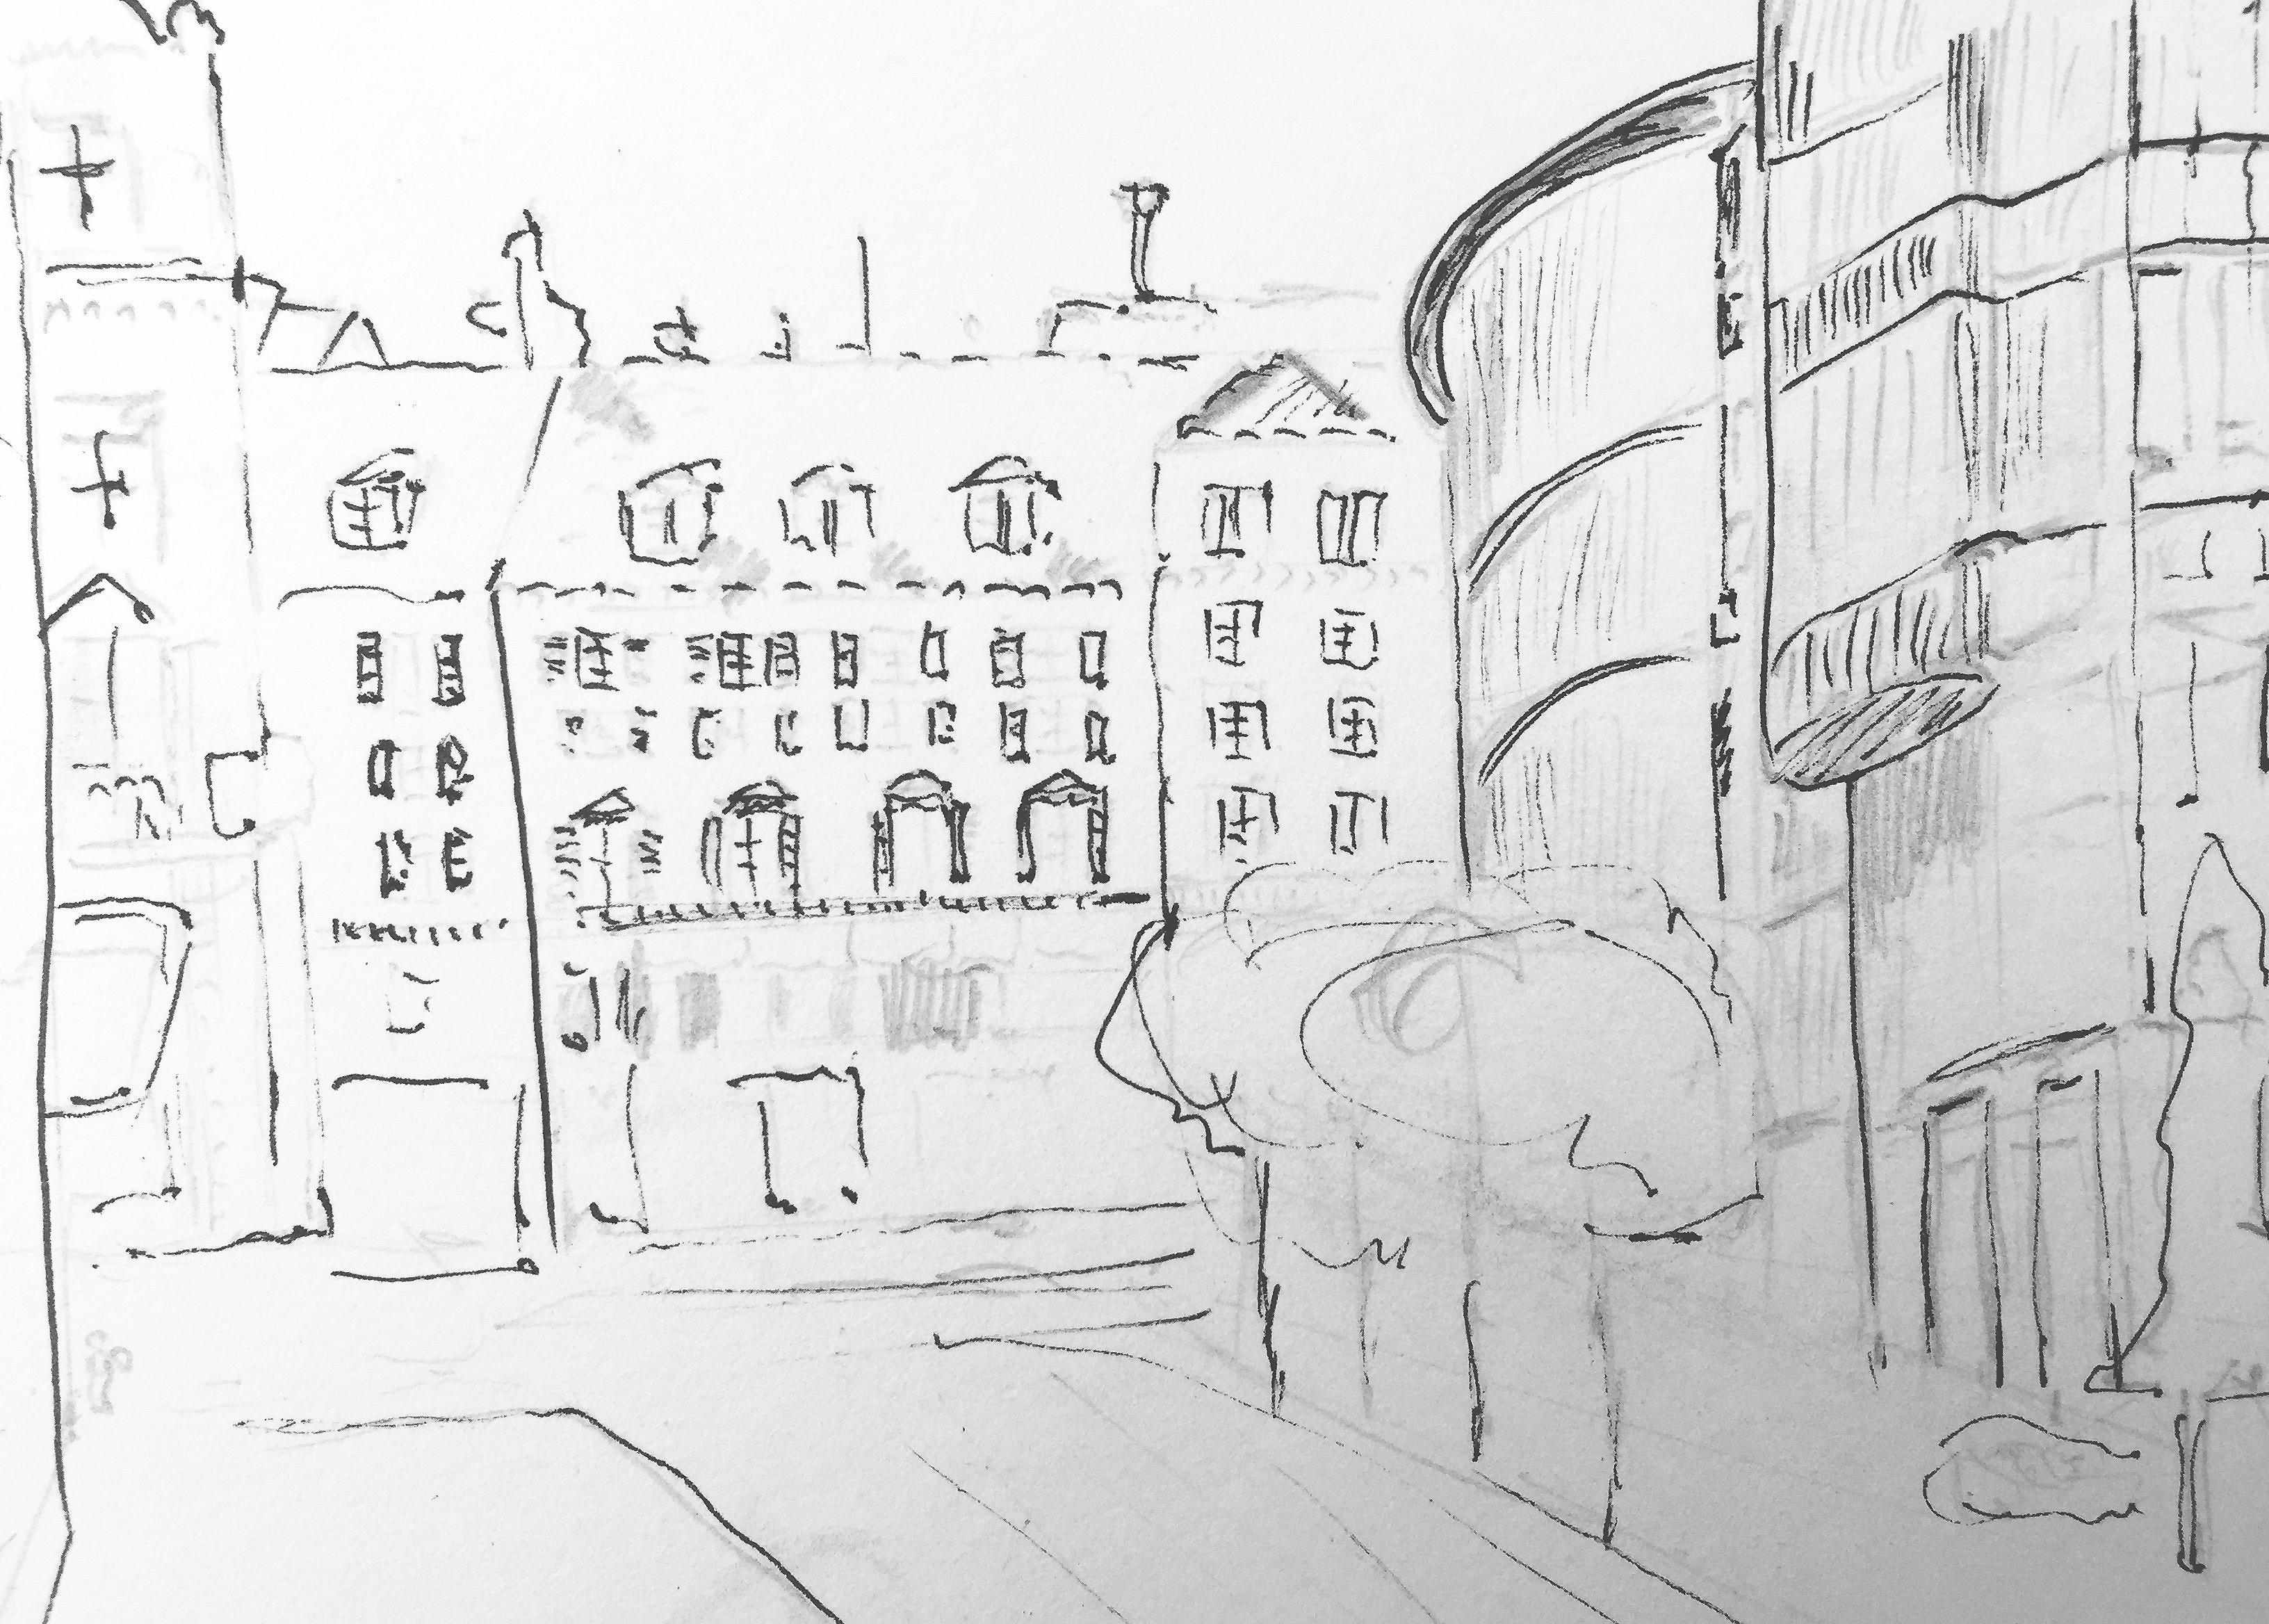 Walter Ruedlinger, Talackerstrasse